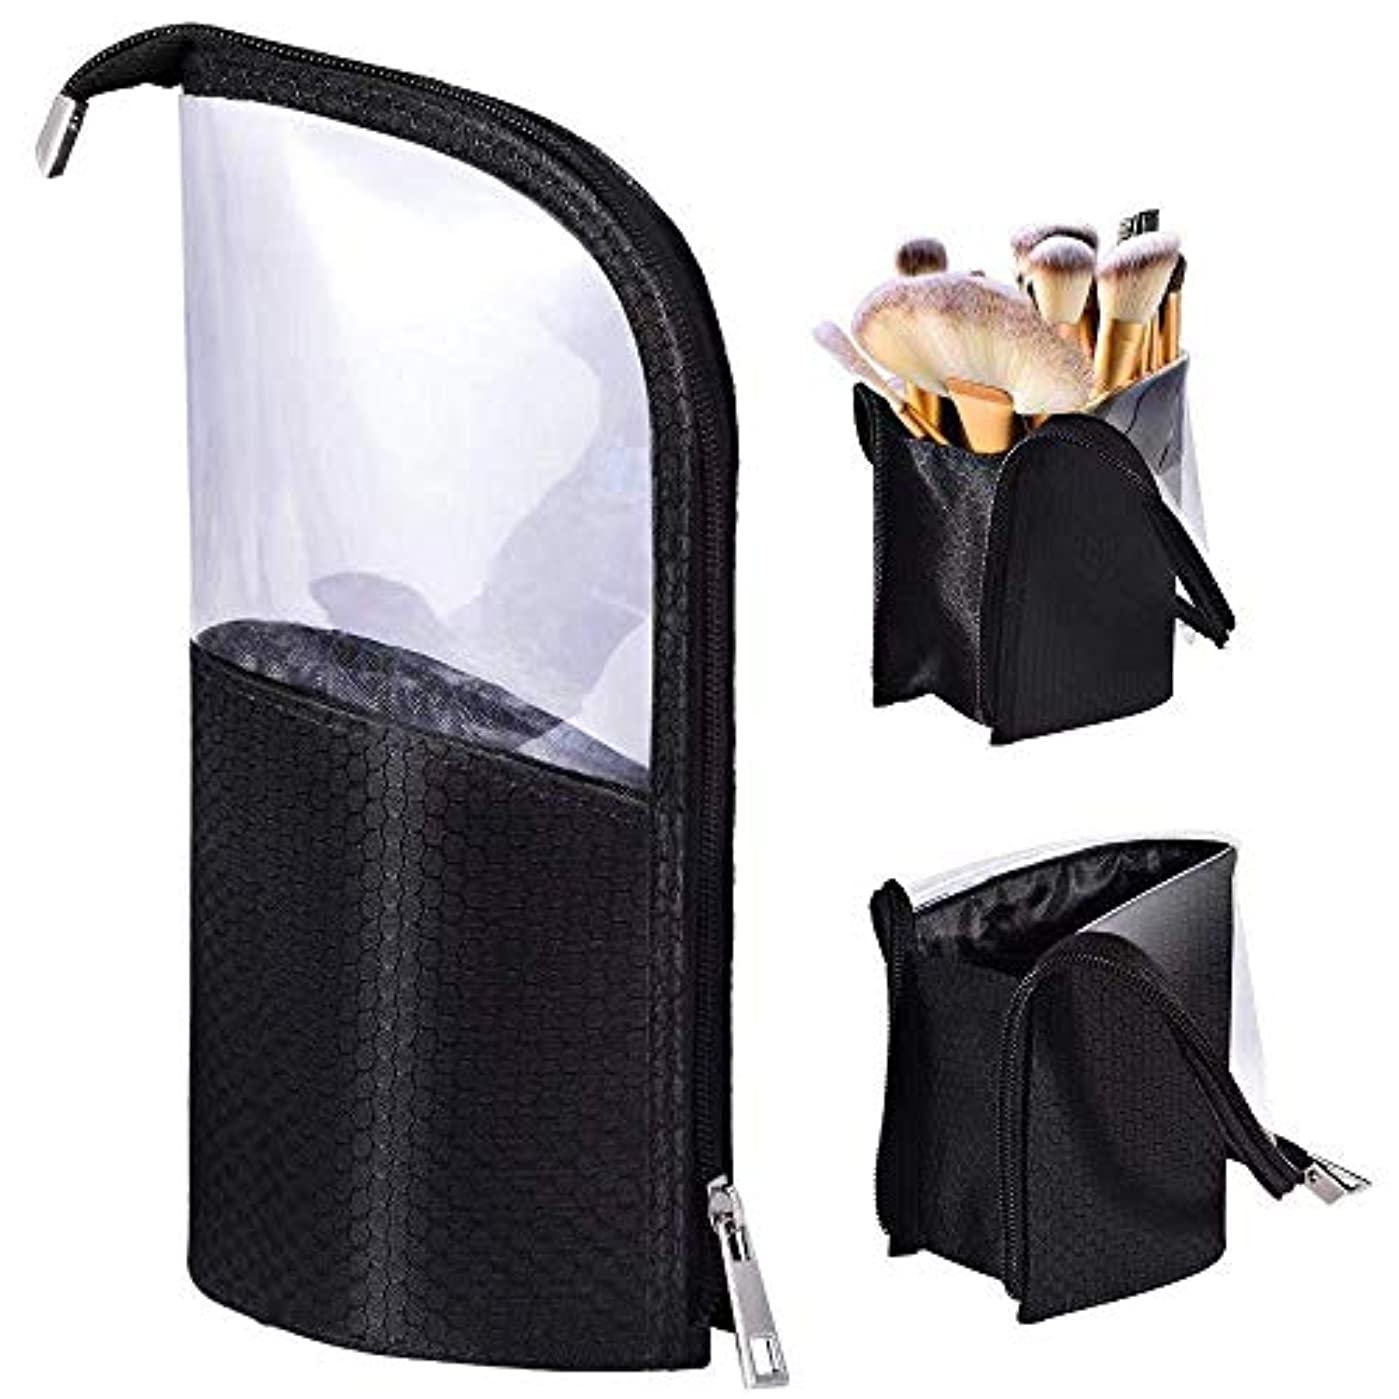 カウントアップ量で引き付けるMOMO ペンケース 化粧筆ポーチ 化粧ポーチ 旅行収納 筆箱 小物入れ メイクブラシホルダー バッグ スタンド ケース 24本収納